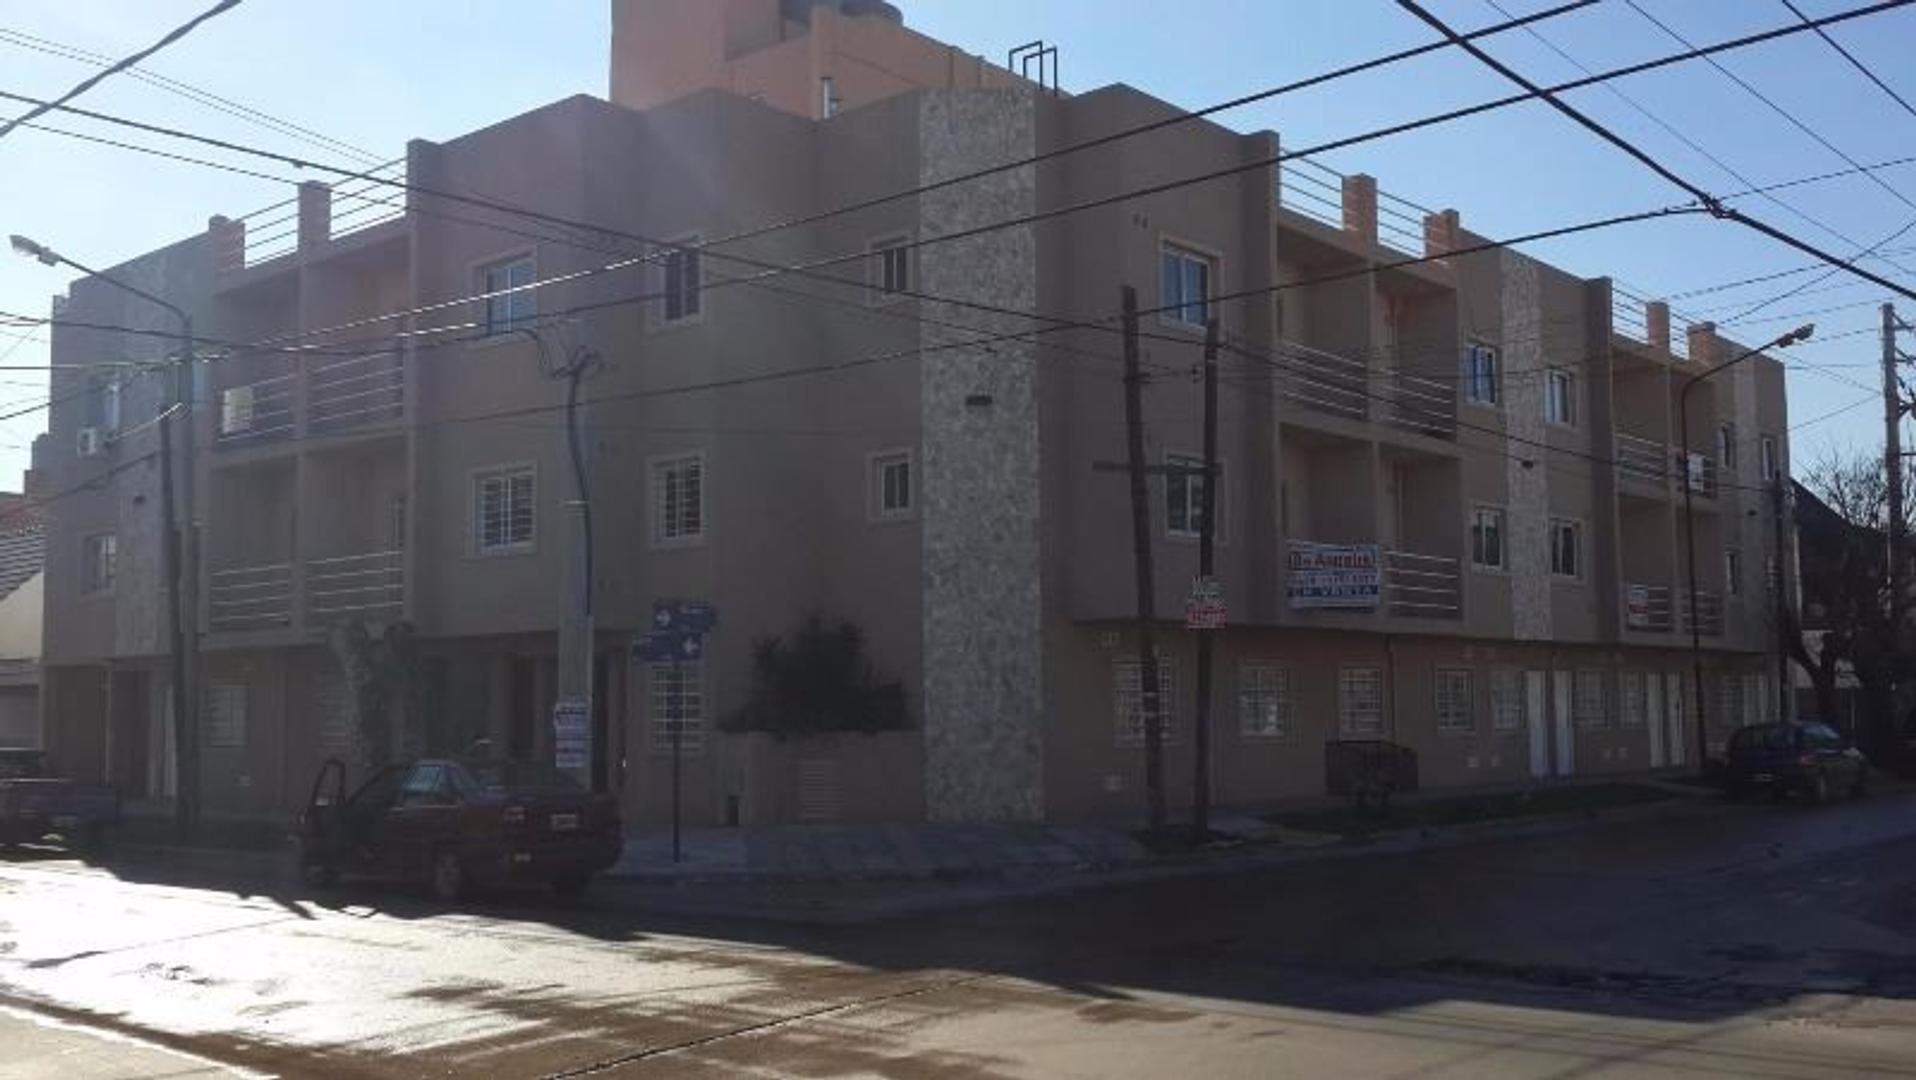 Departamento en Ramos Mejía, La Matanza, Buenos Aires USD 68000 - Laprida 278 (Código: 486-049)